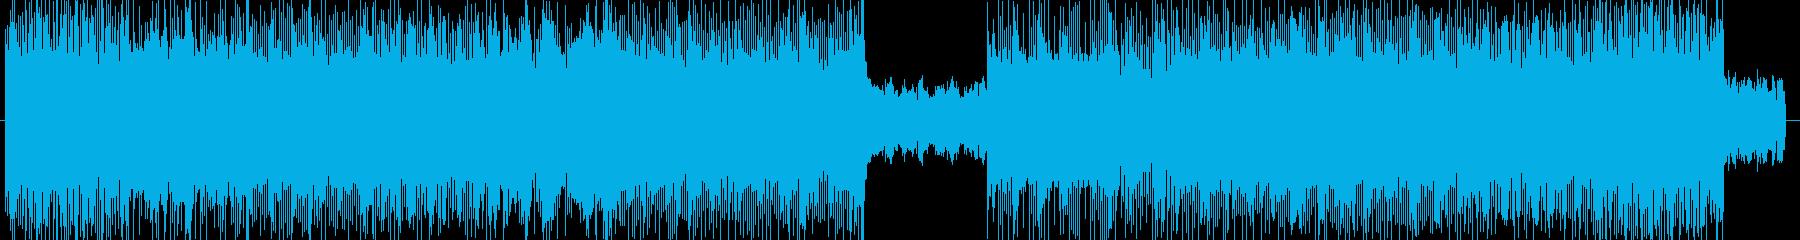 ダークなハードロック系の曲 BGM225の再生済みの波形